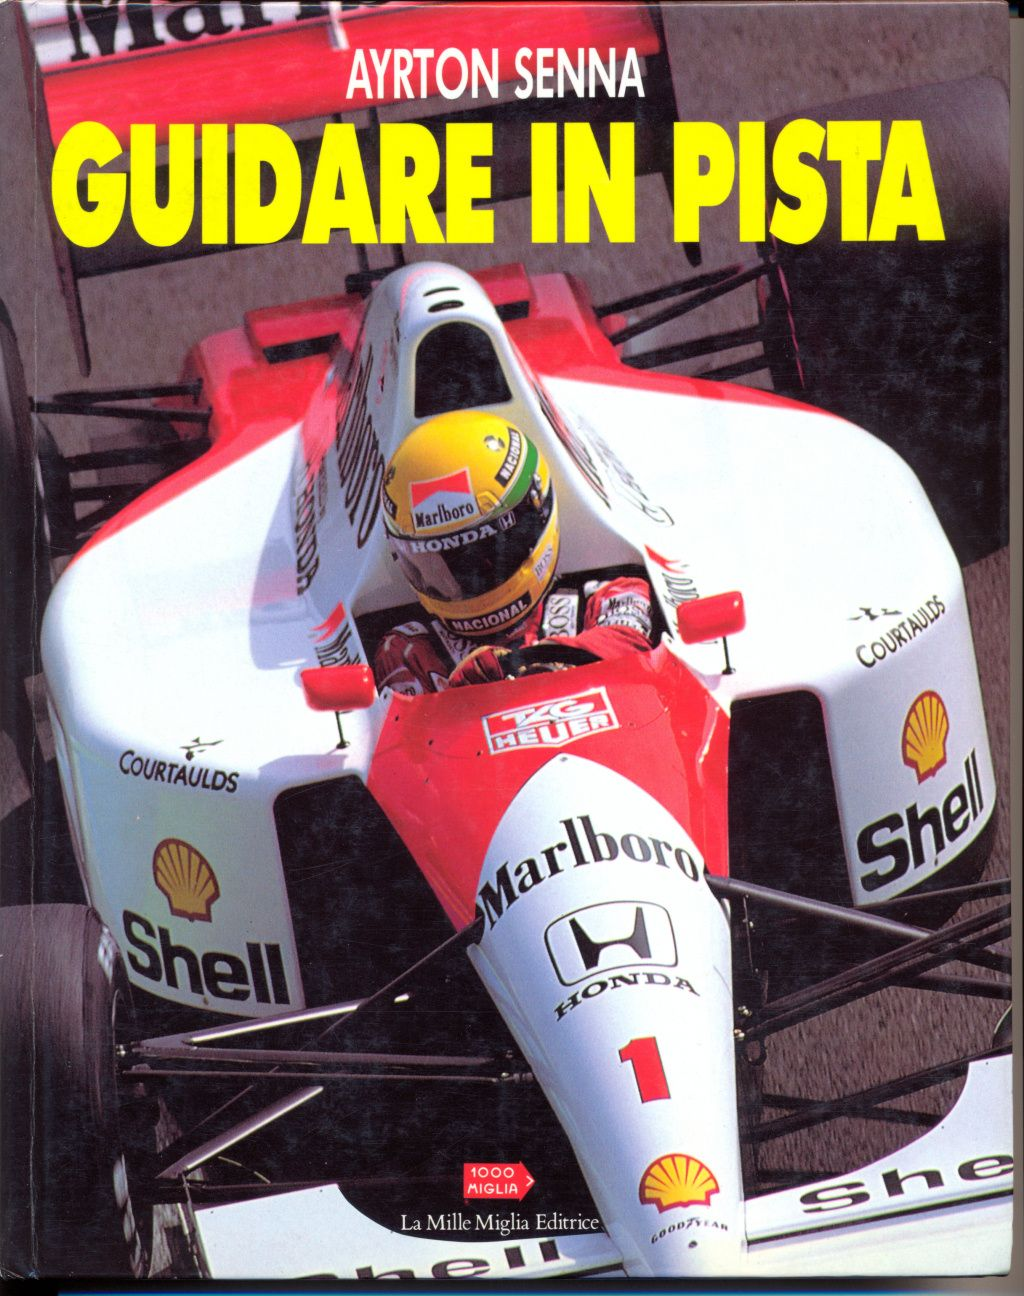 """L'unico libro scritto da Ayrton Senna: """"Guidare in pista"""", raro!"""